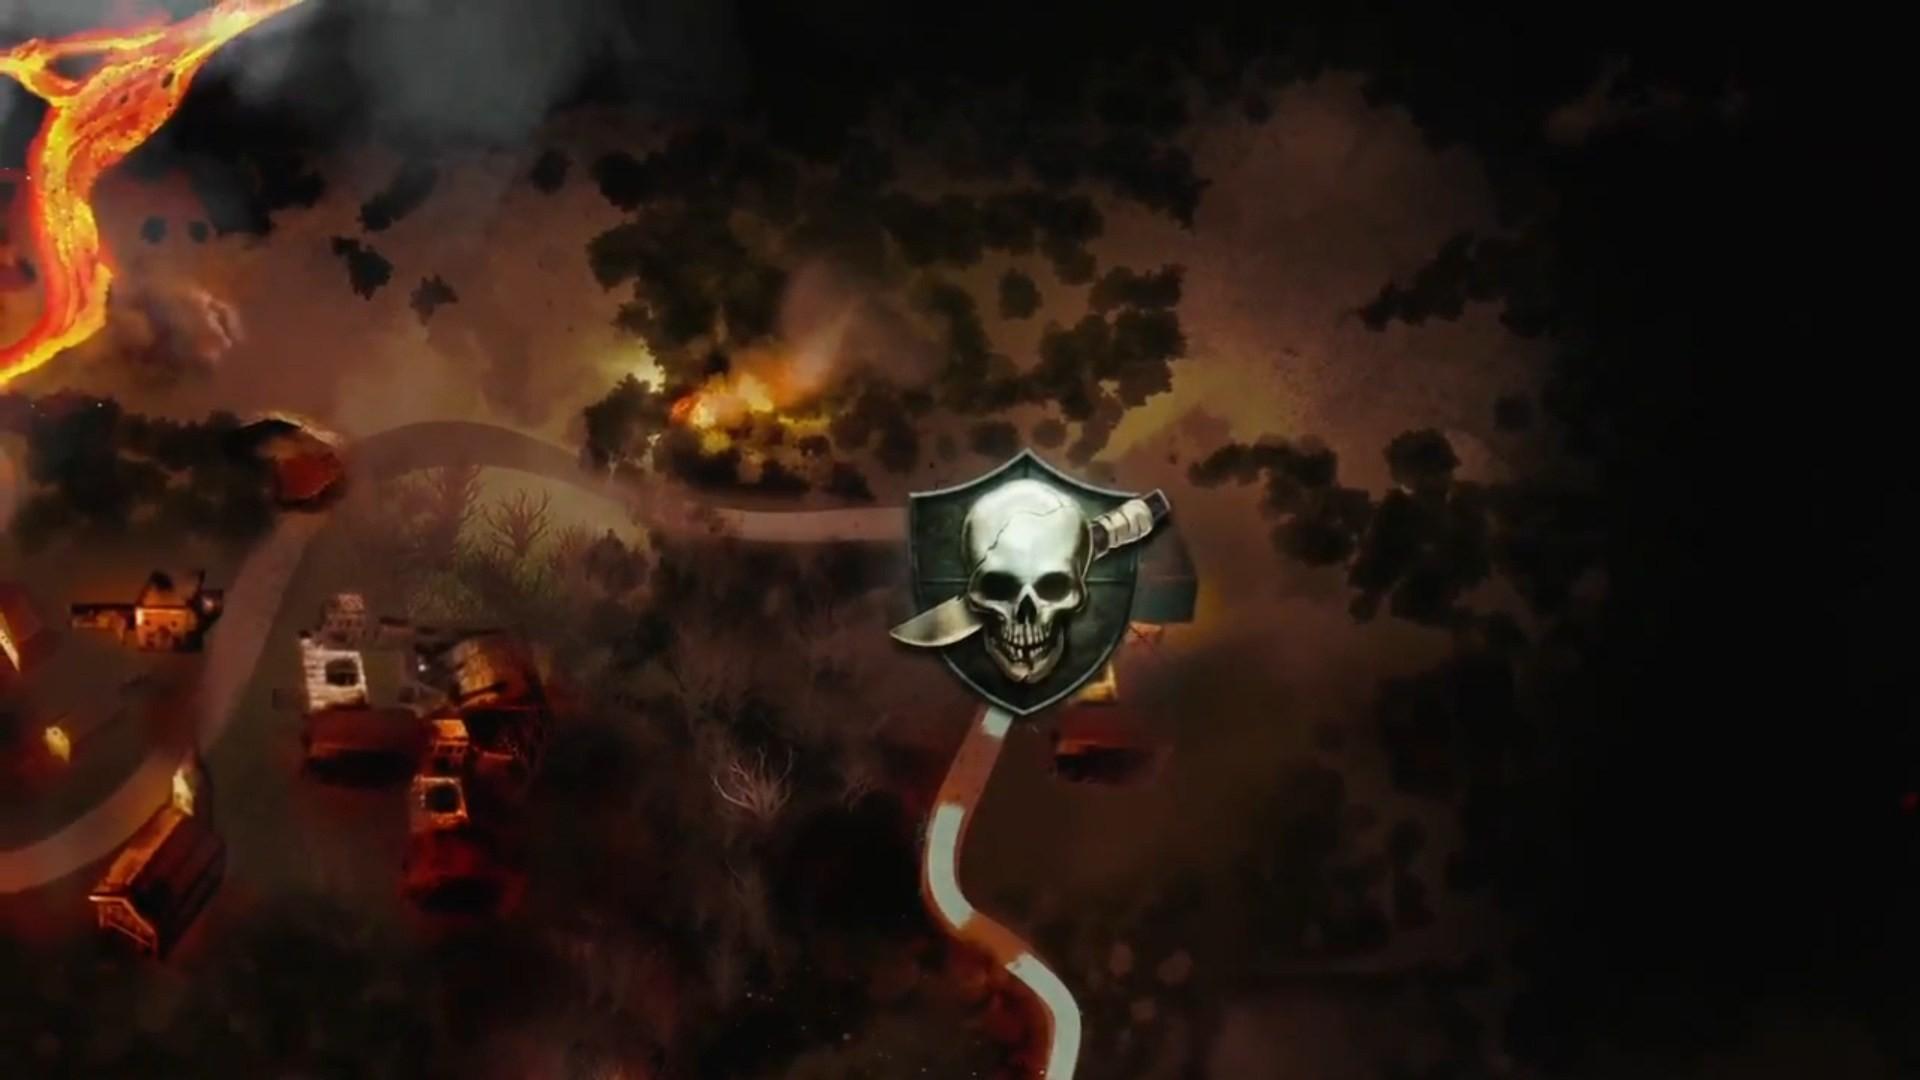 Black Ops 2 Origins Wallpaper Wallpapersafari